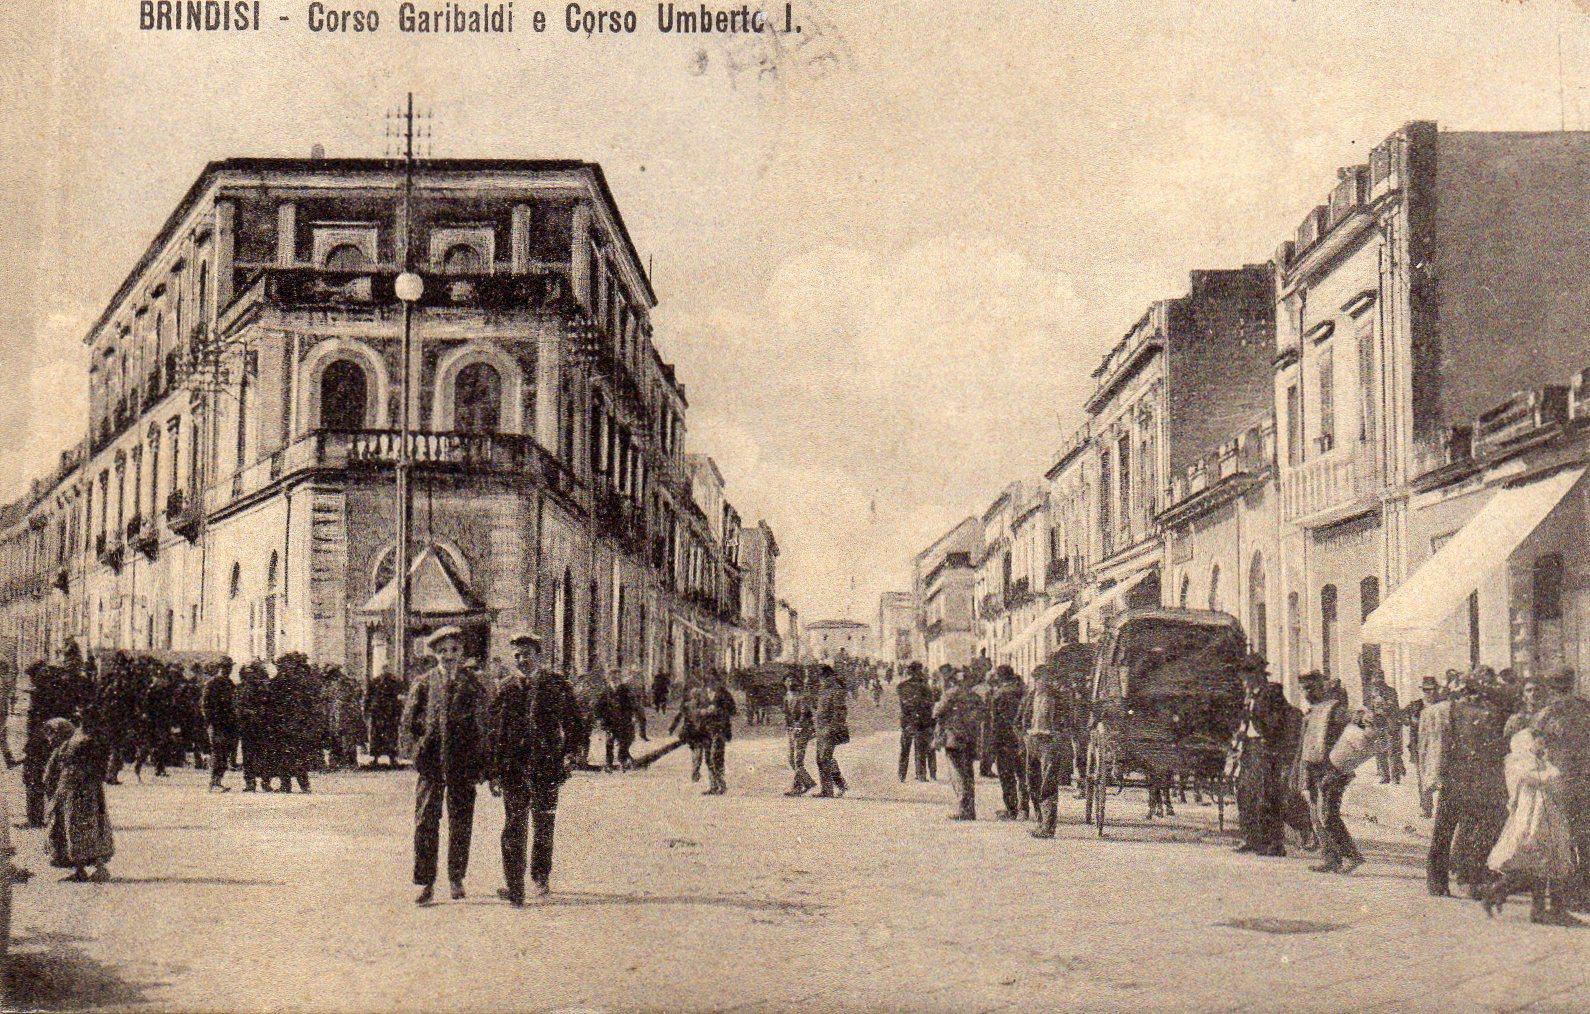 Brindisi Corso Garibaldi